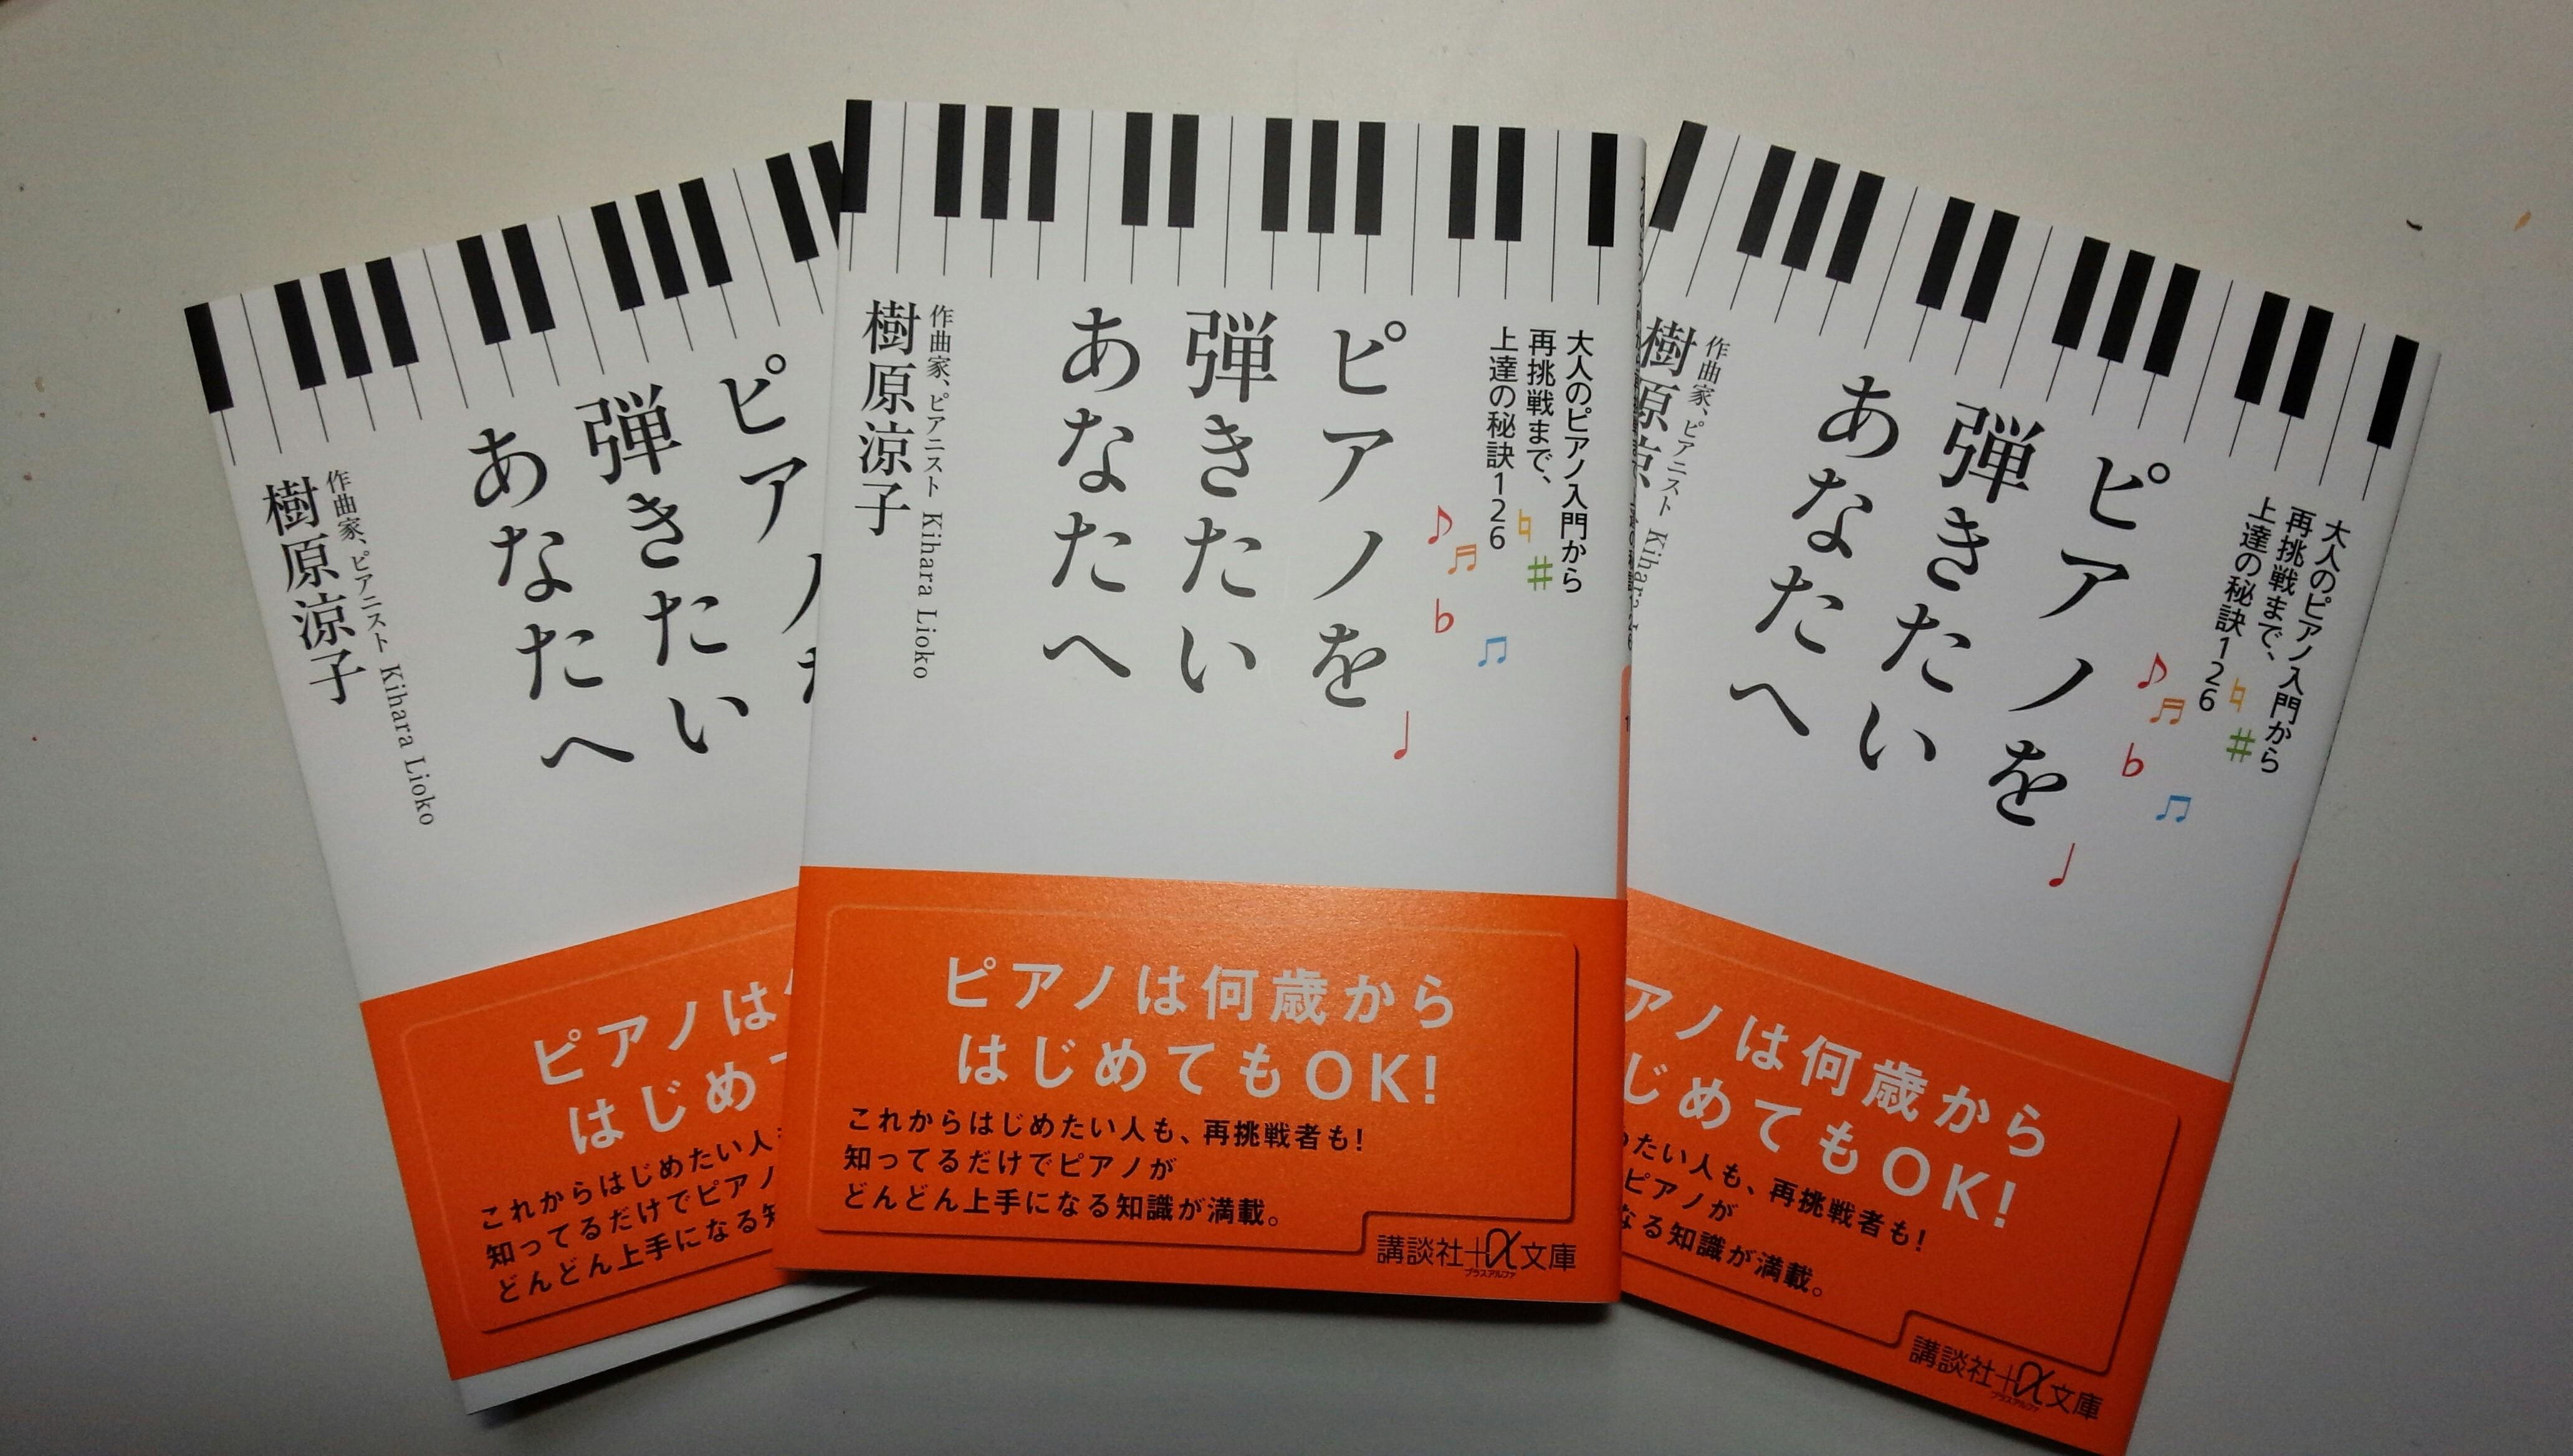 ピアノをひきたいあなたへ